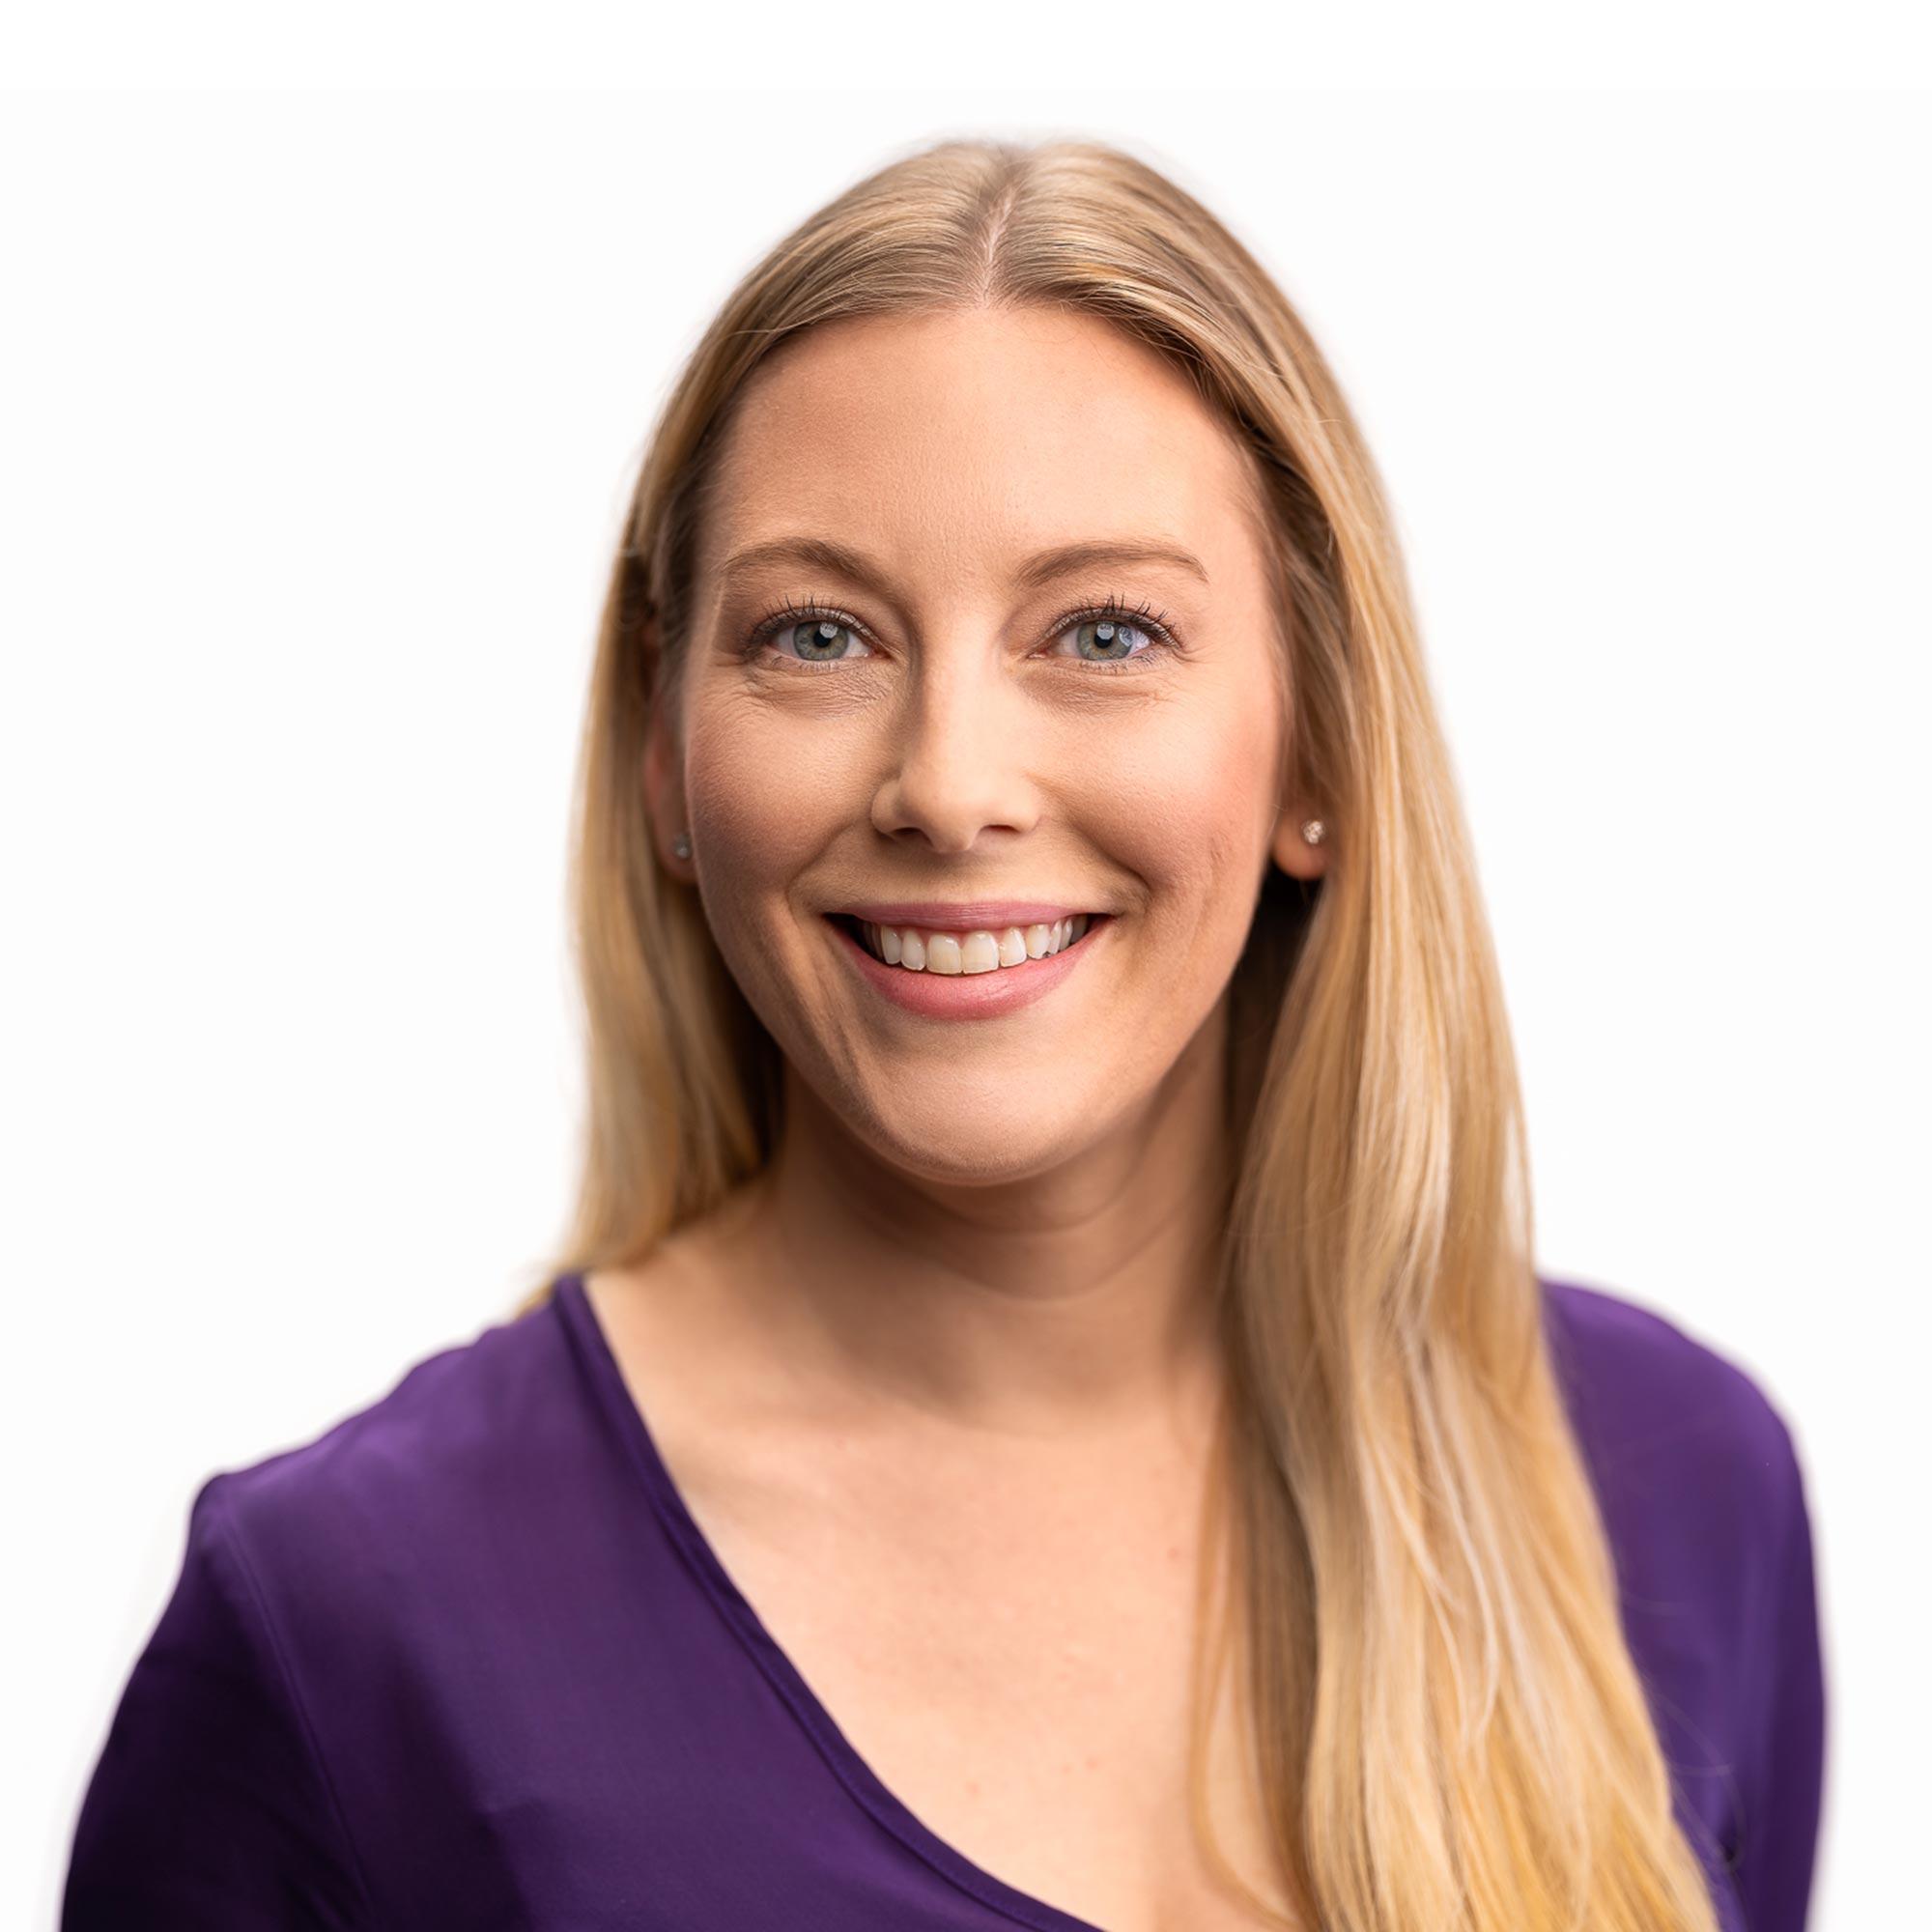 Dr. Katie Leah